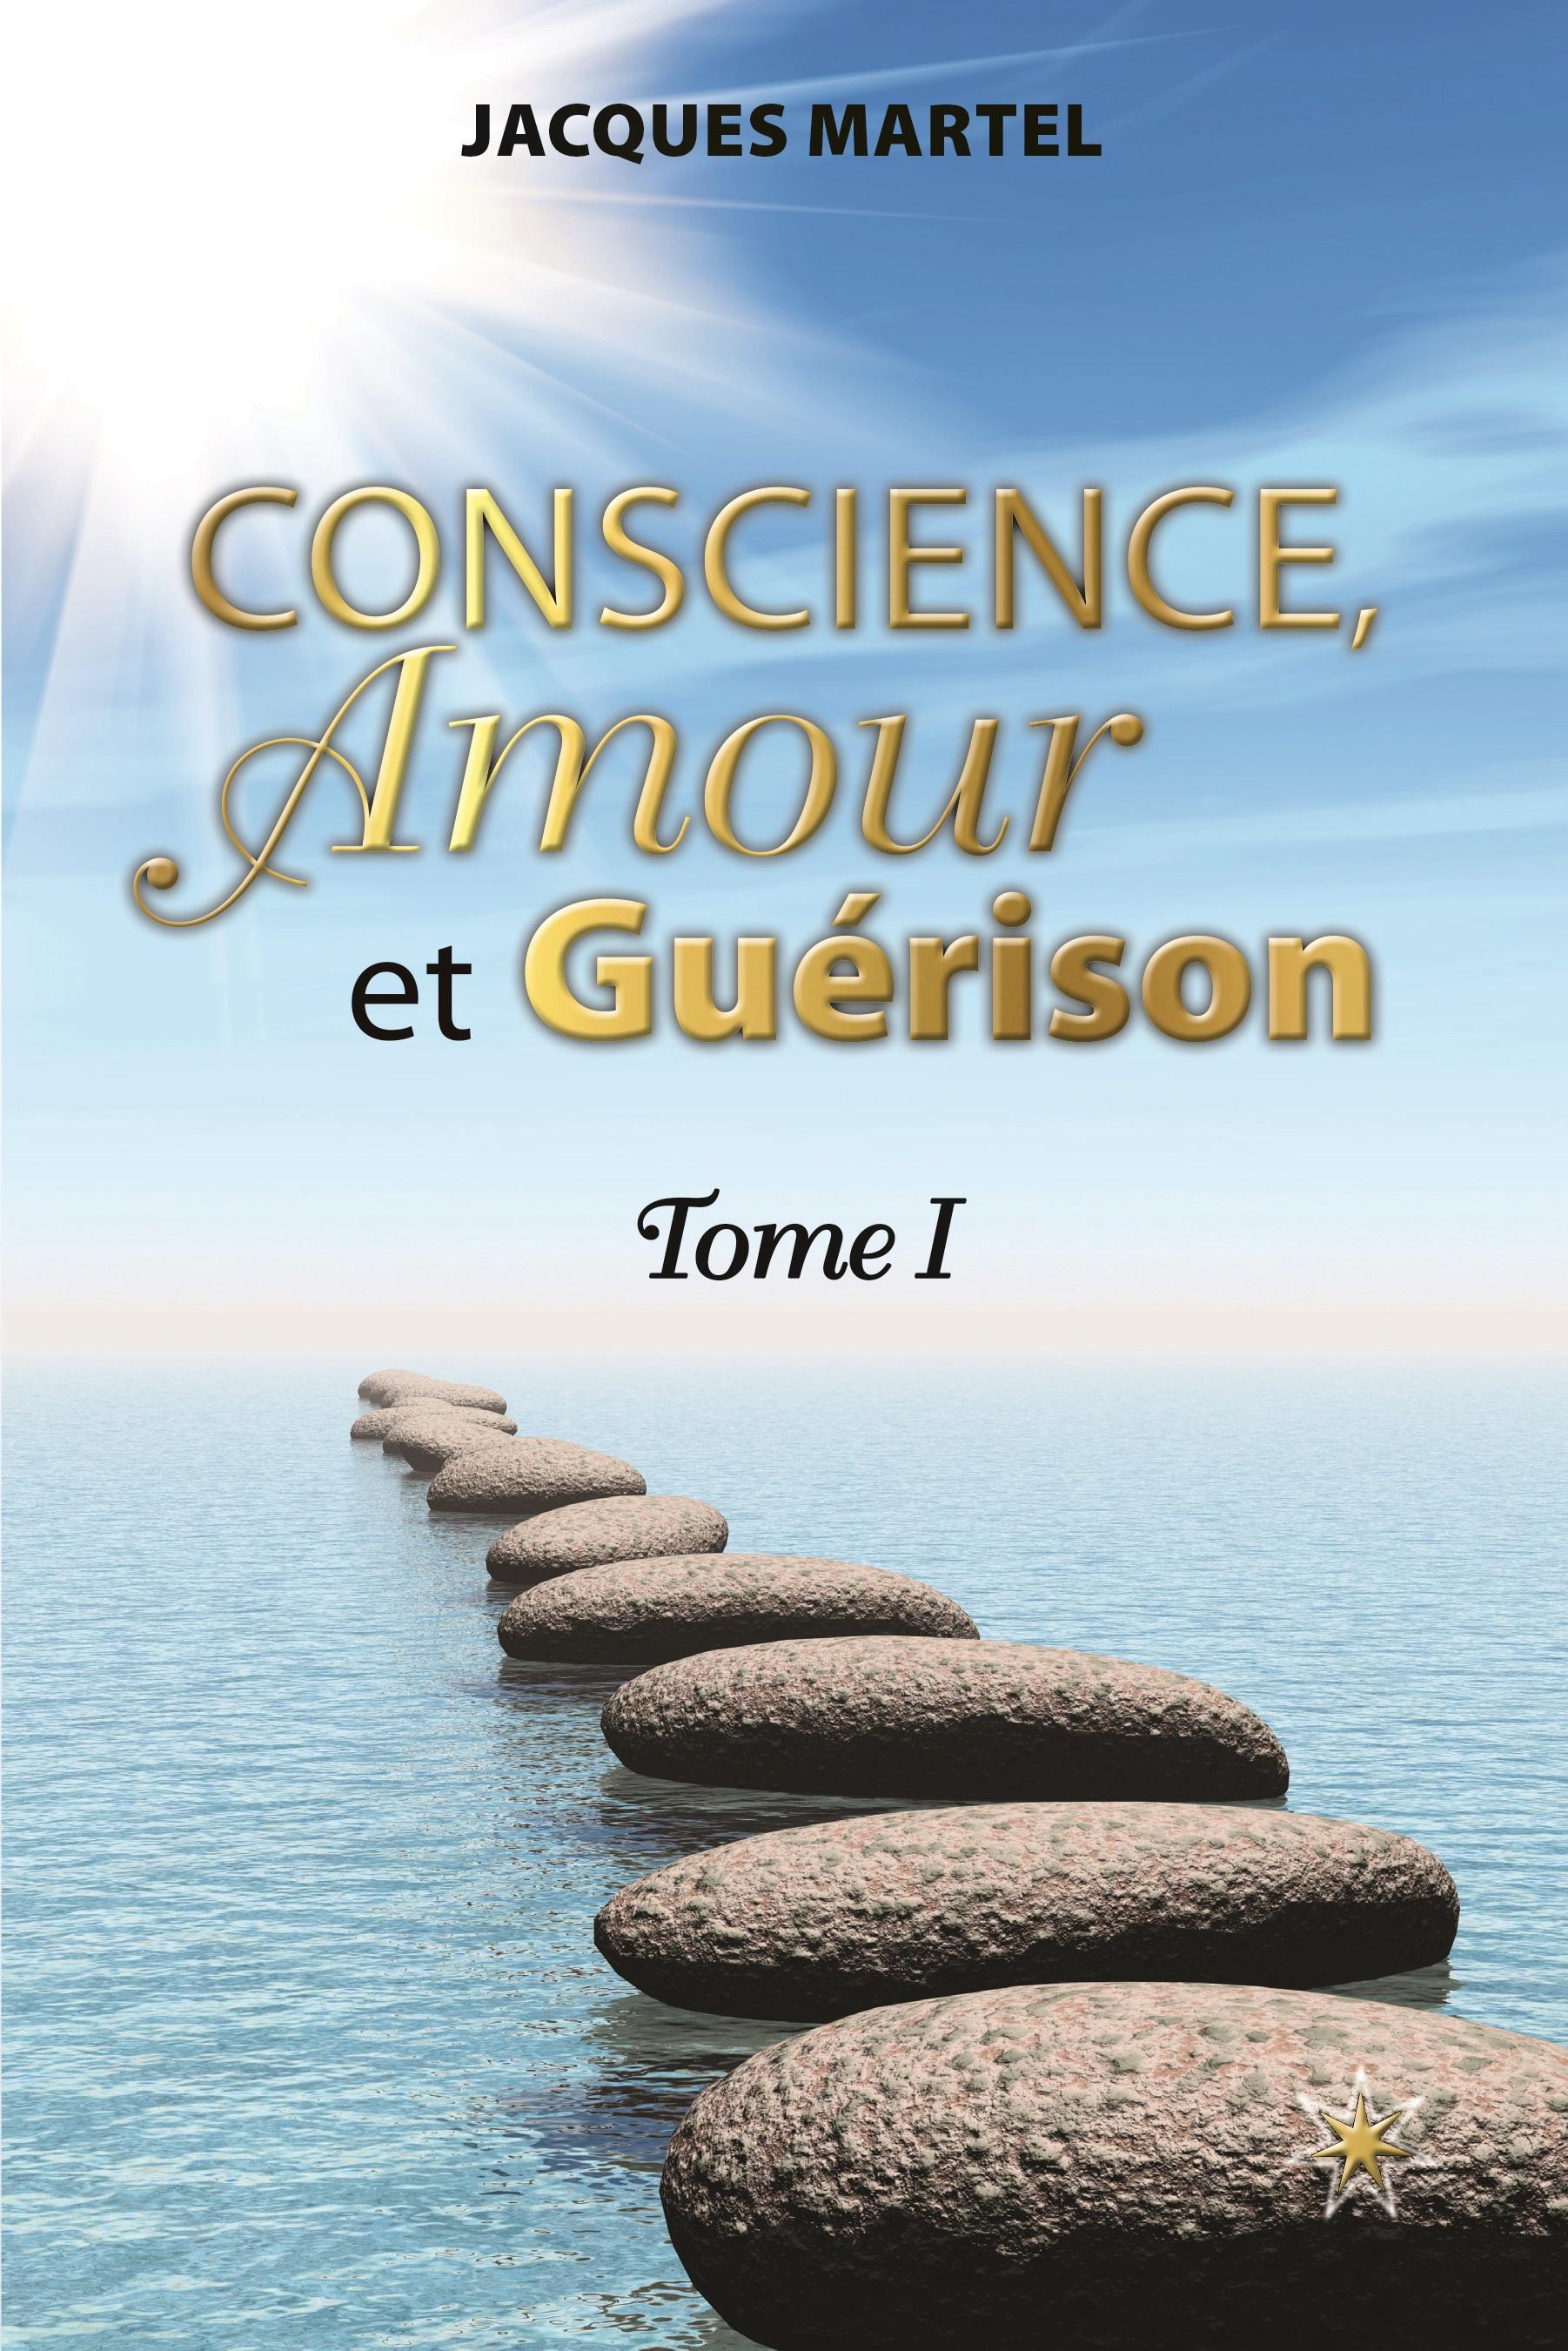 CONSCIENCE, Amour et Guérison, Tome 1 Jacques Martel